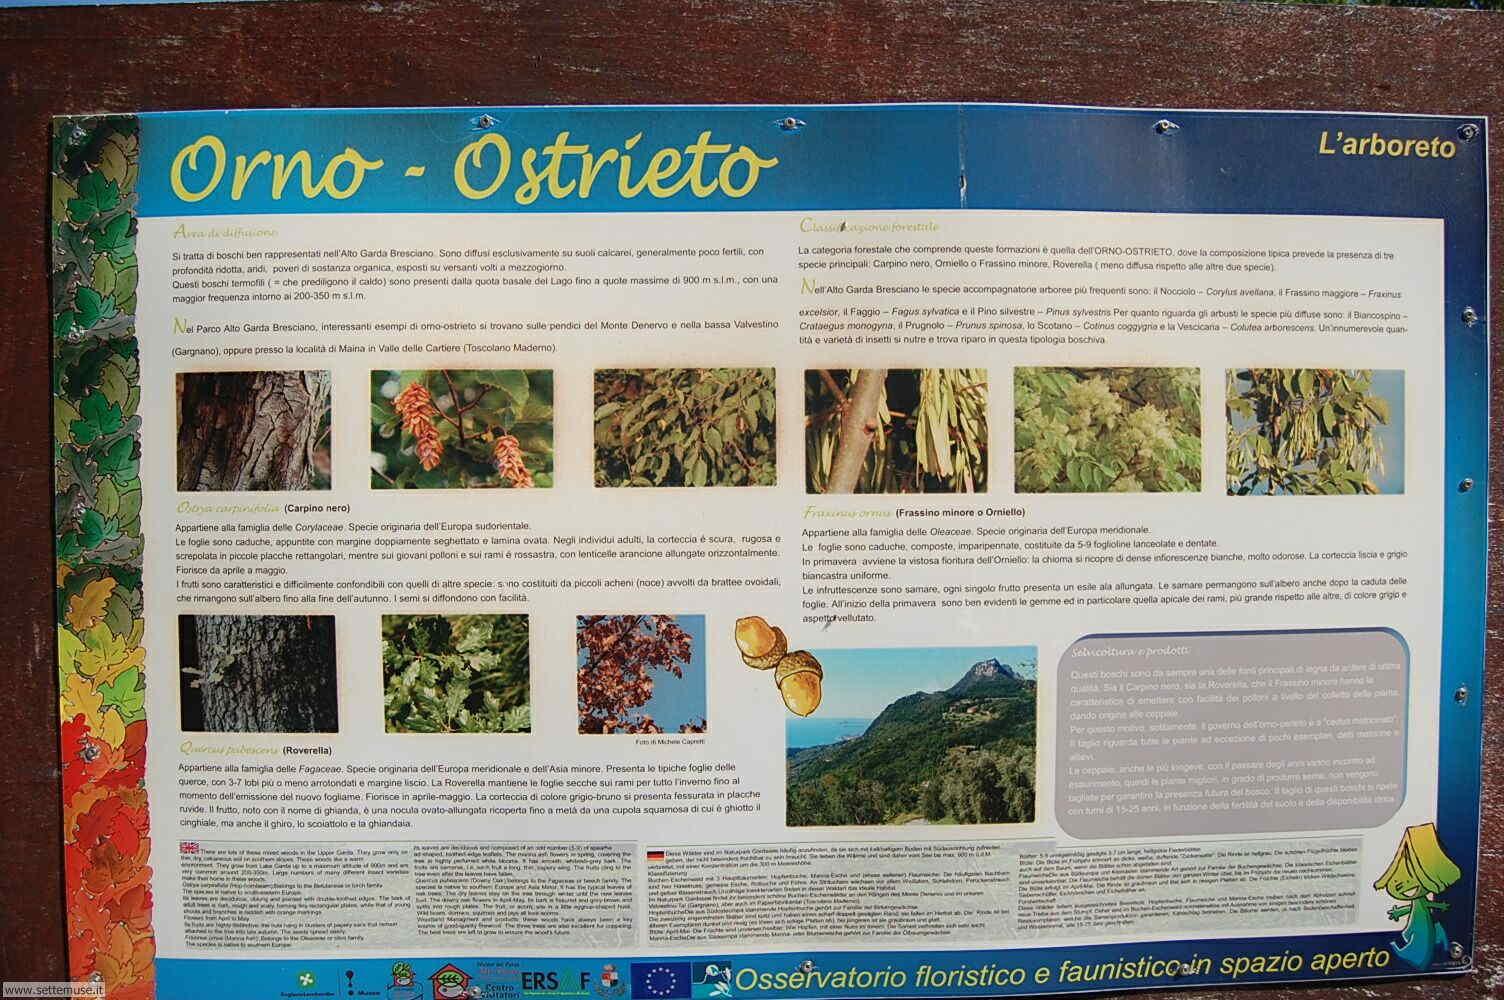 Orno - Ostrieto